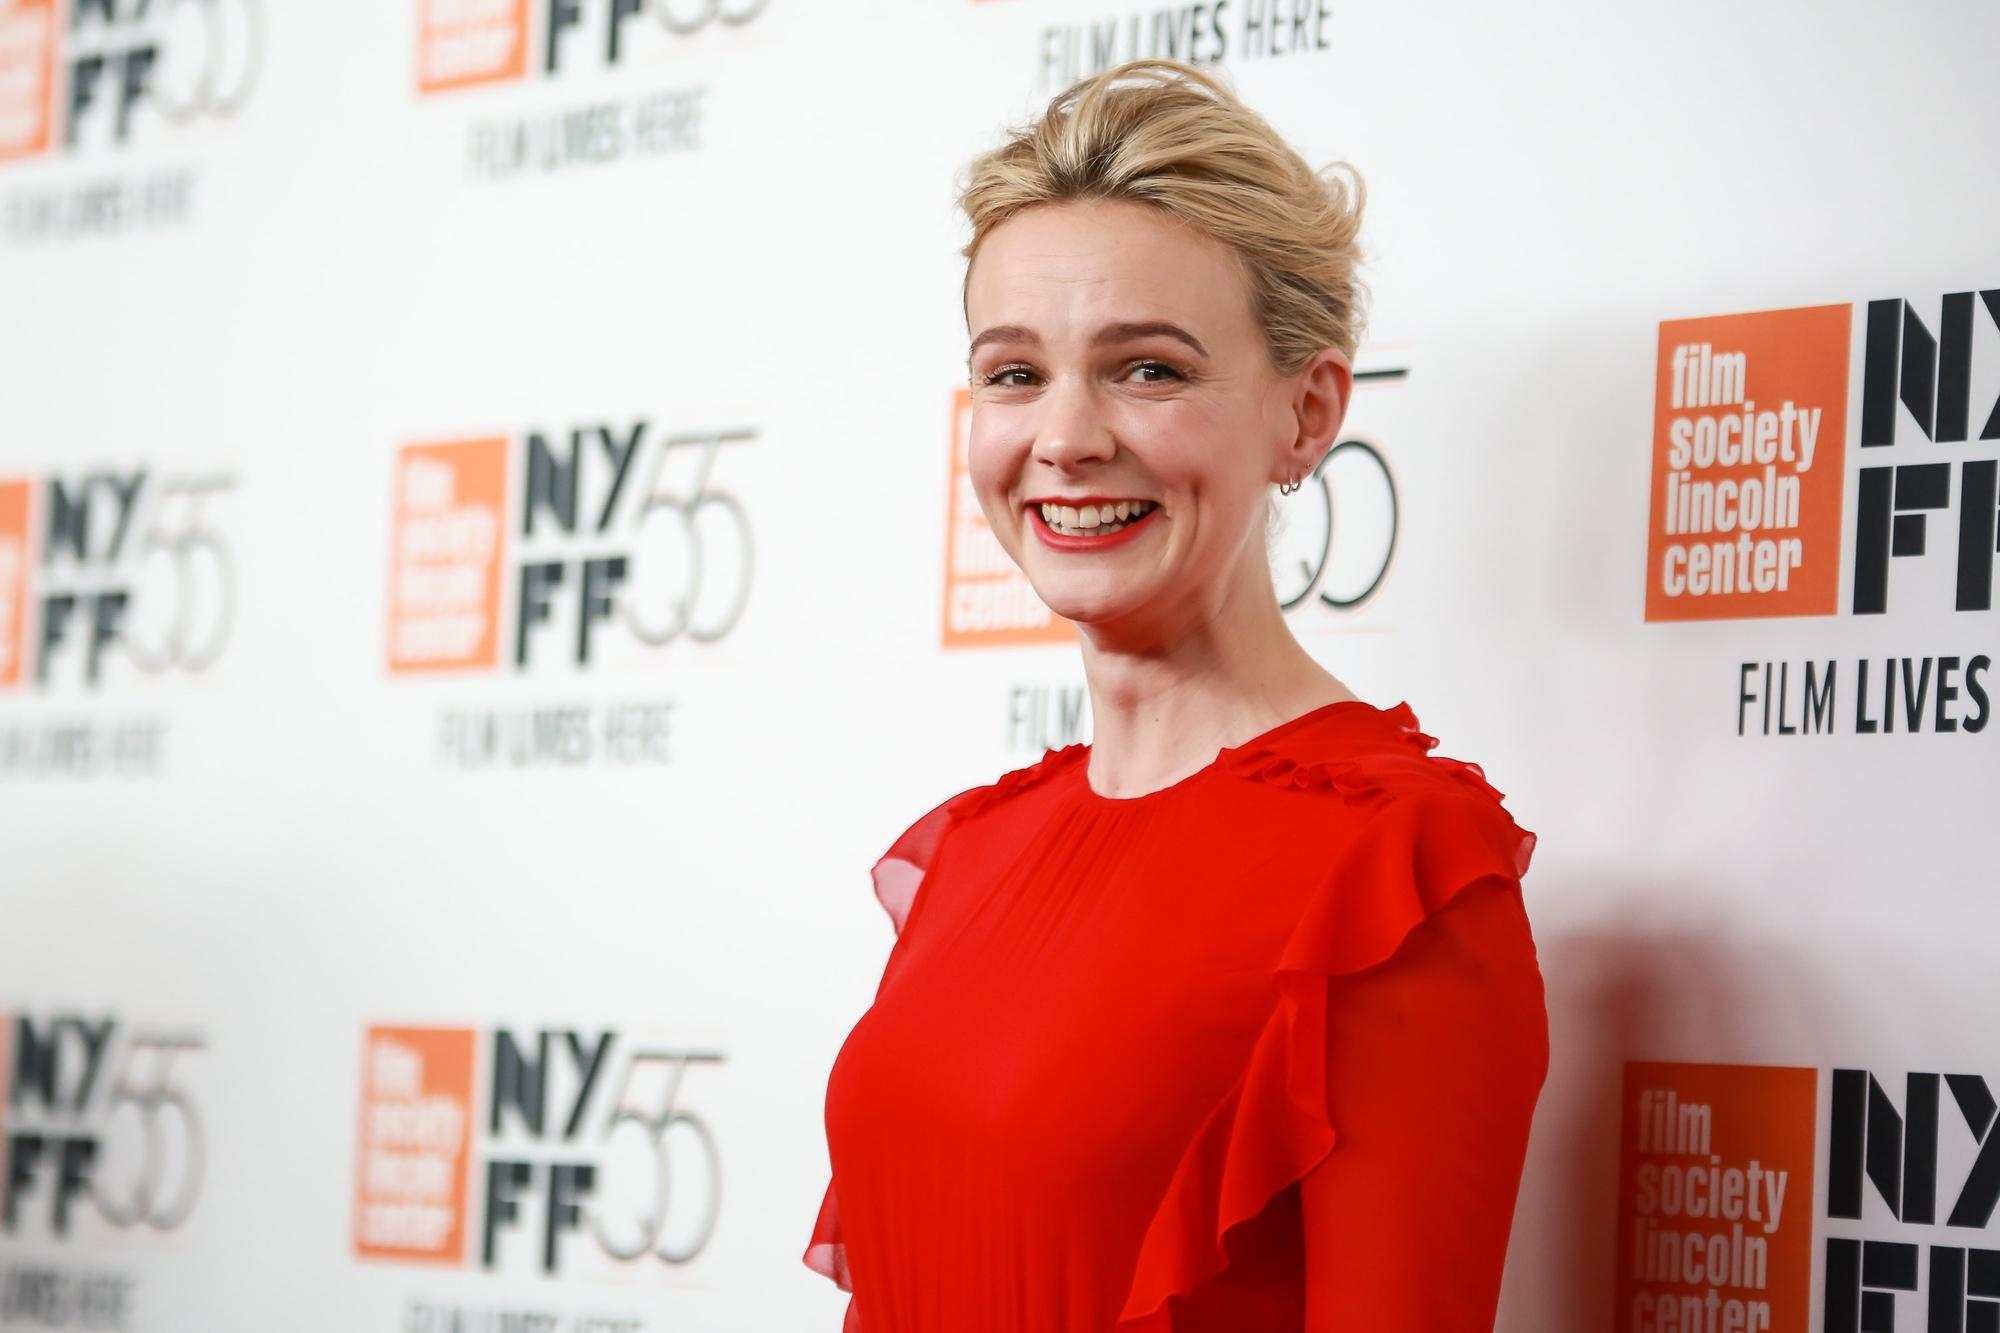 Кэри Маллиган прокомментировала заявление кинокритика о том, что она недостаточно сексуальна для роли в «Девушке, подающей надежды»